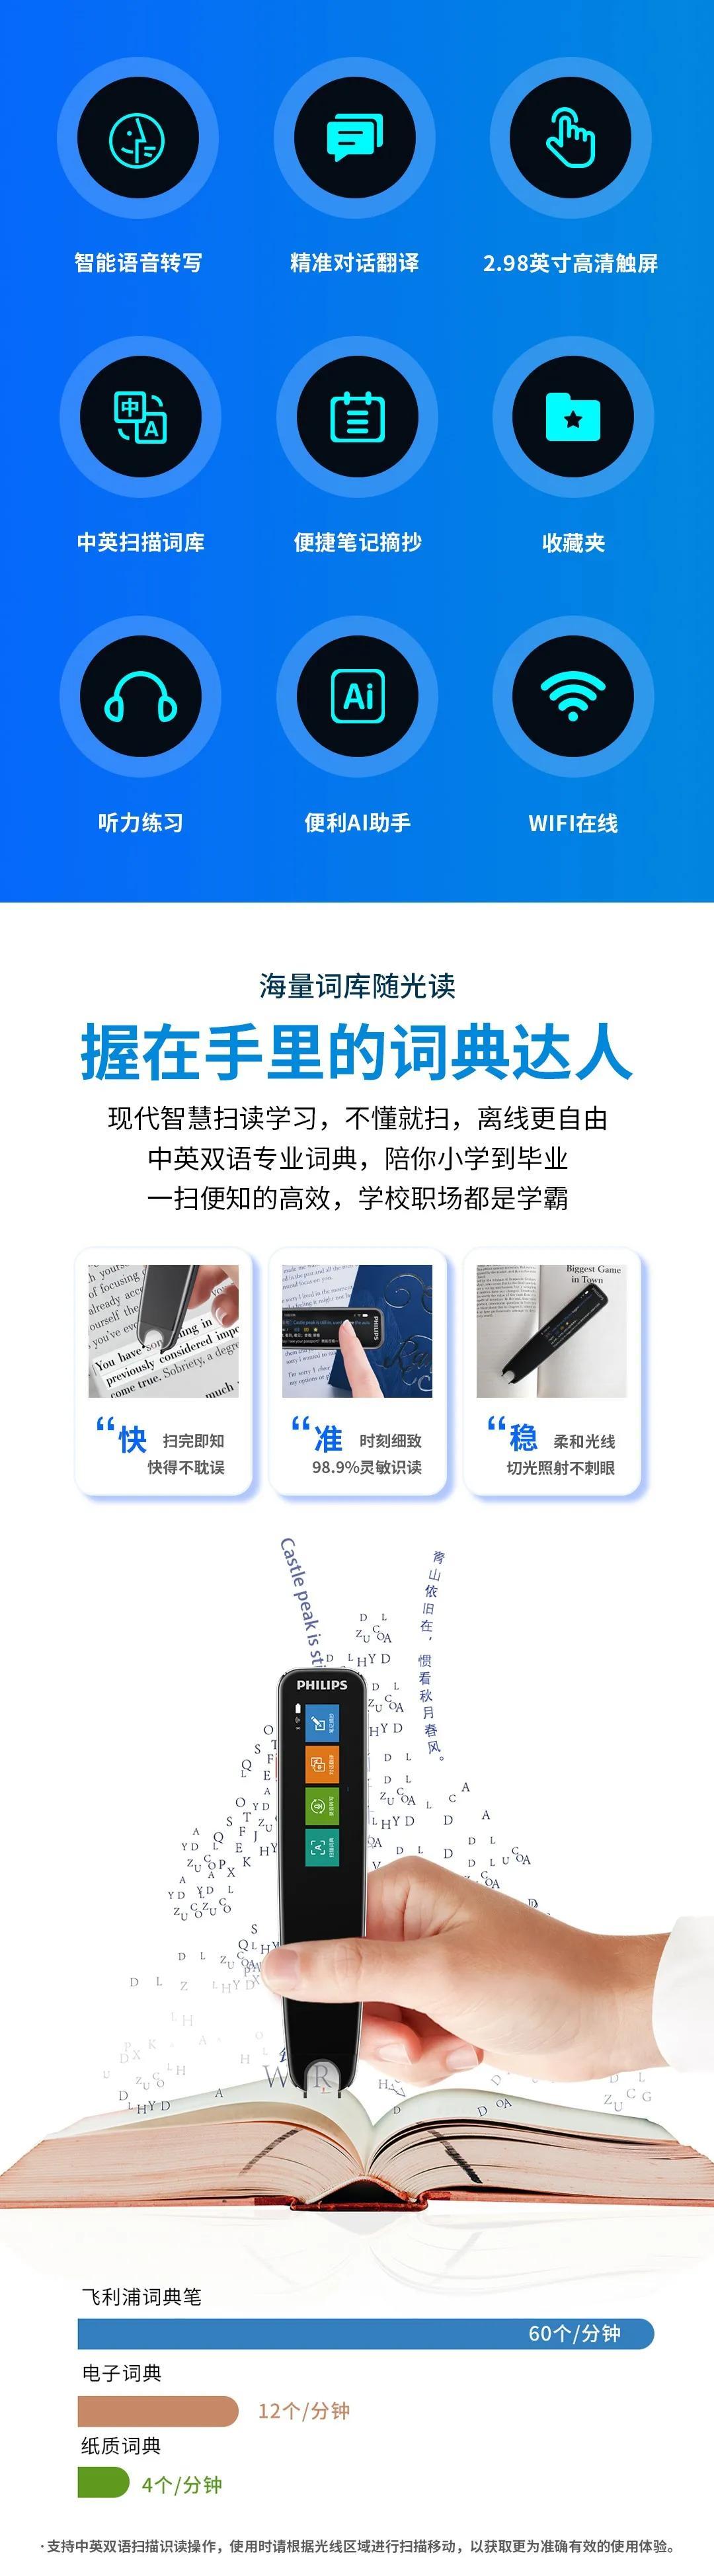 飞利浦扫描词典笔VTR7300:一笔轻扫,学成无境